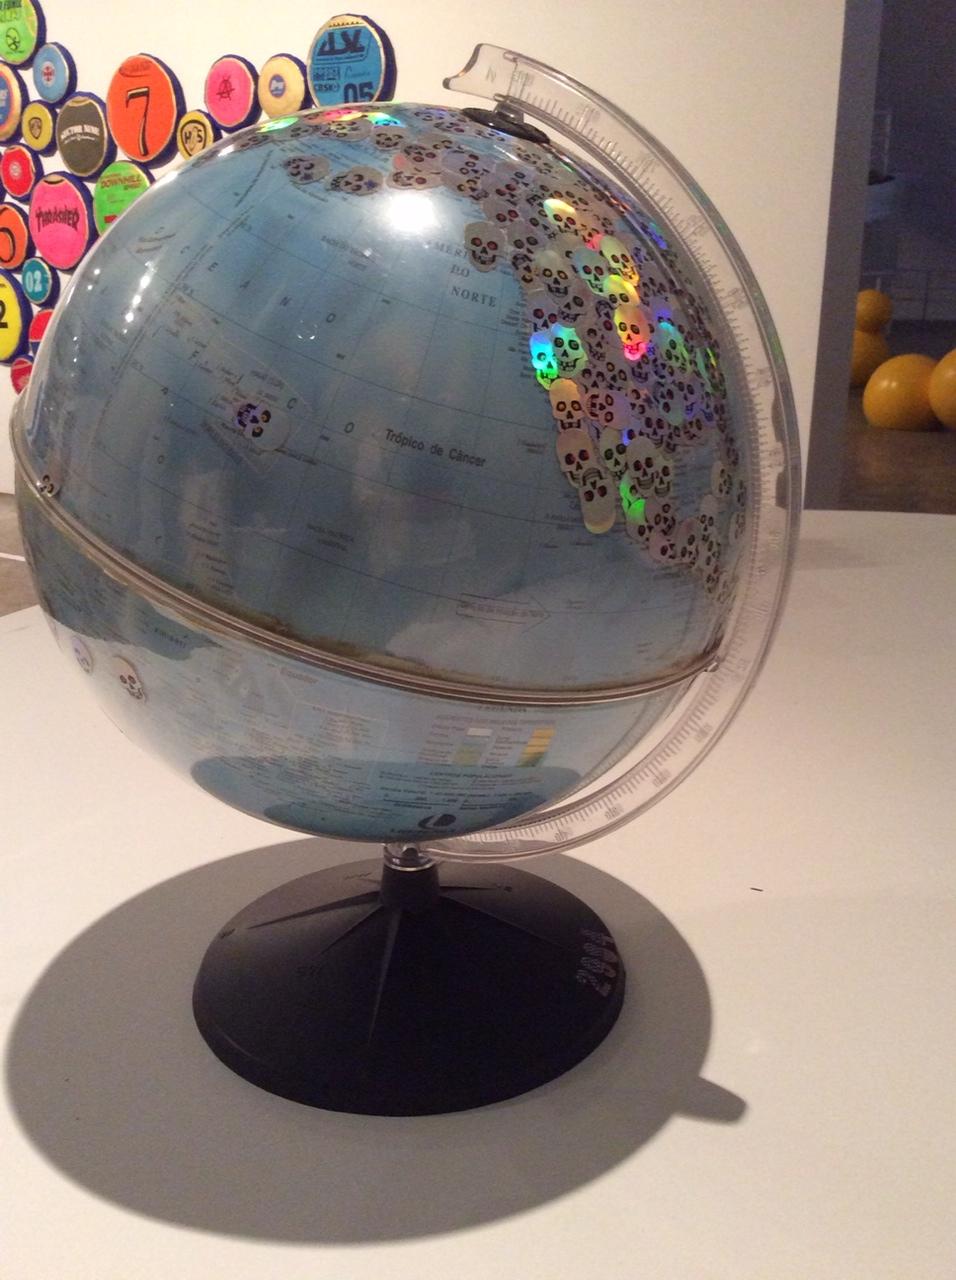 NELSON LEIRNER, Assim É se lhe Parece, 2003, Adesivos sobre globo